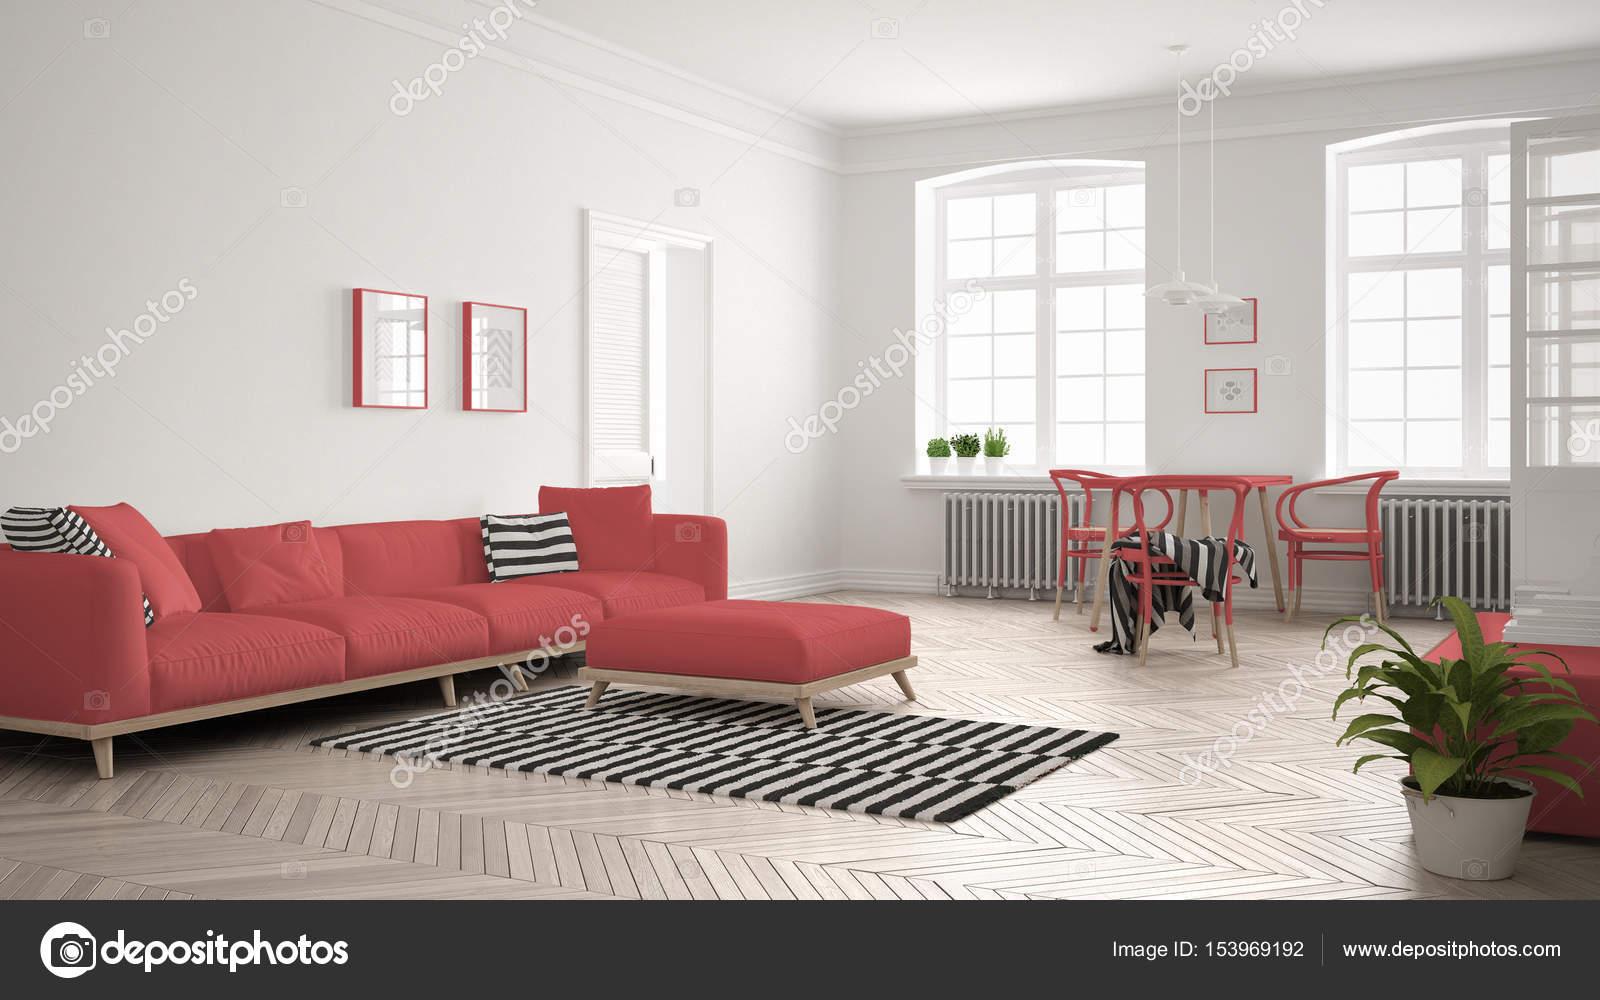 Schön Sofa Scandi Foto Von Bright Minimalist Living Room With And Dining